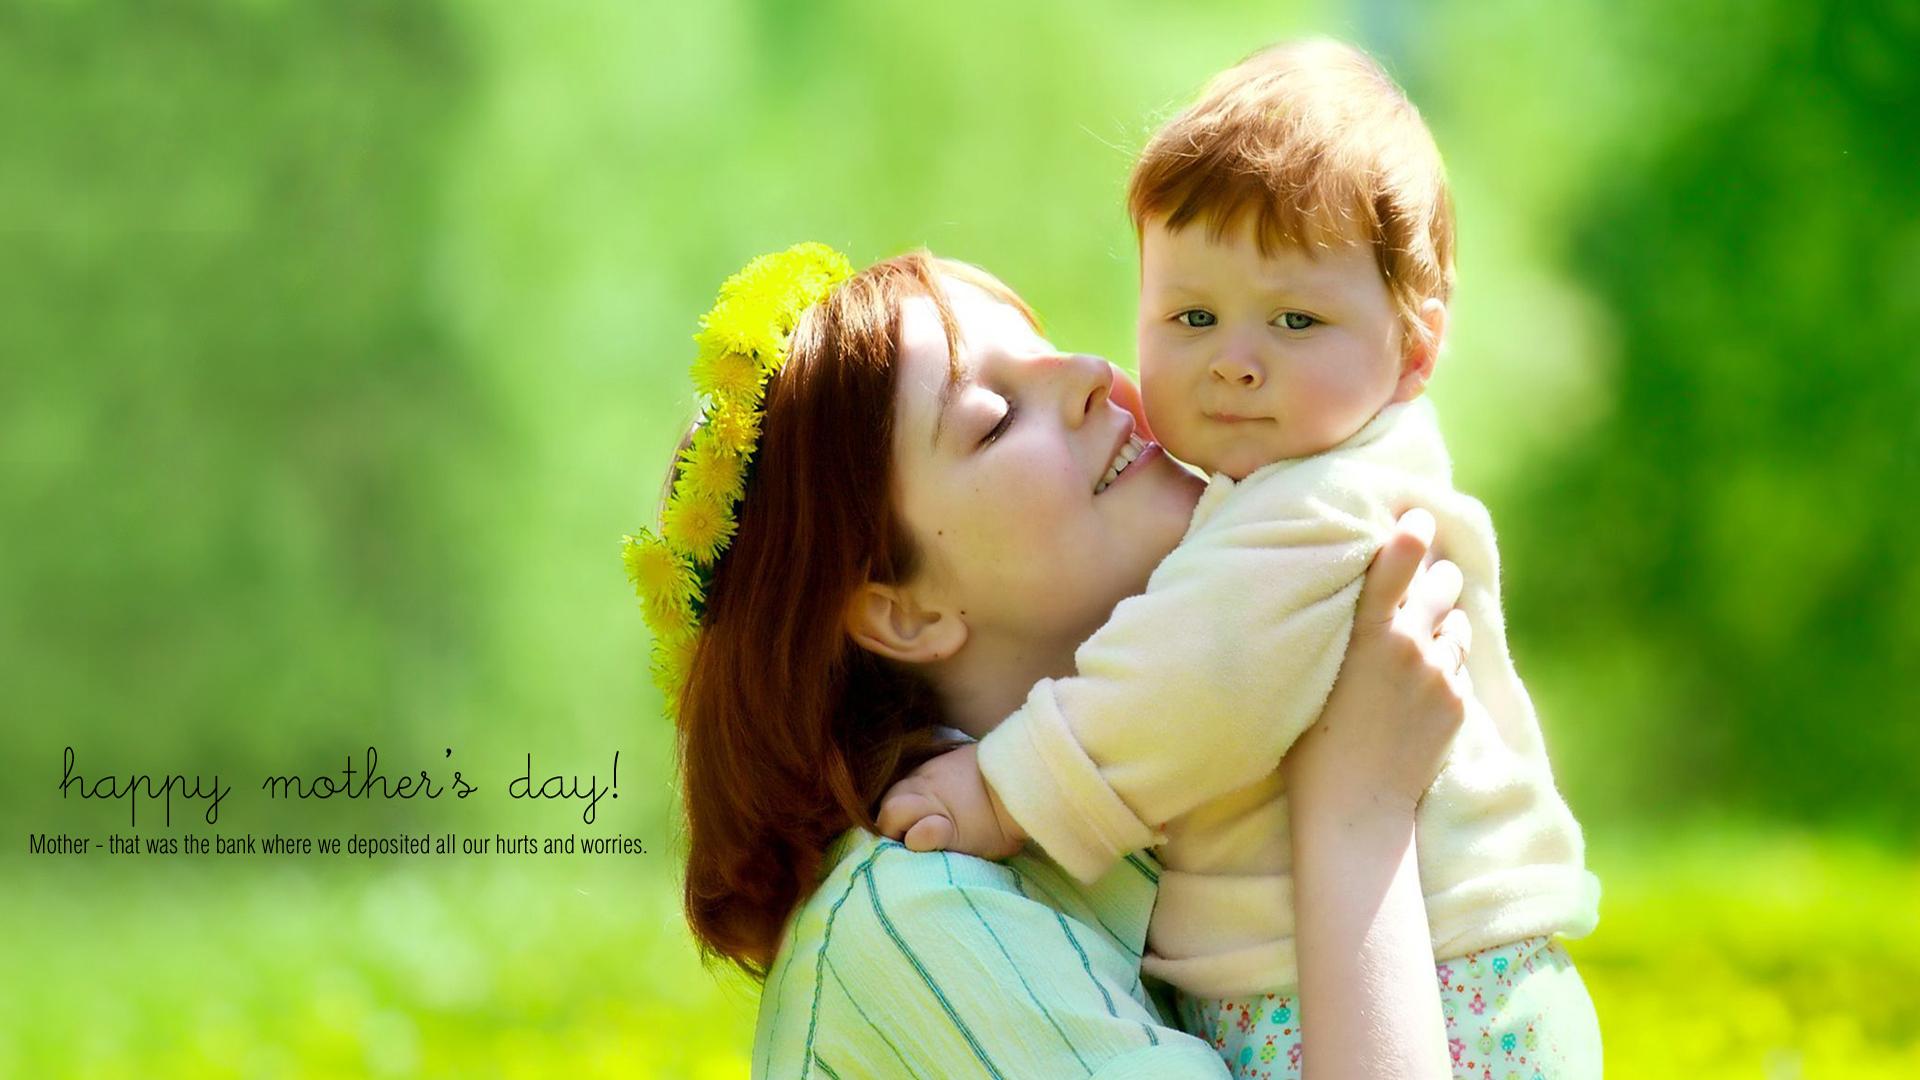 открытки с мамами и детьми фото челнов рассматривает